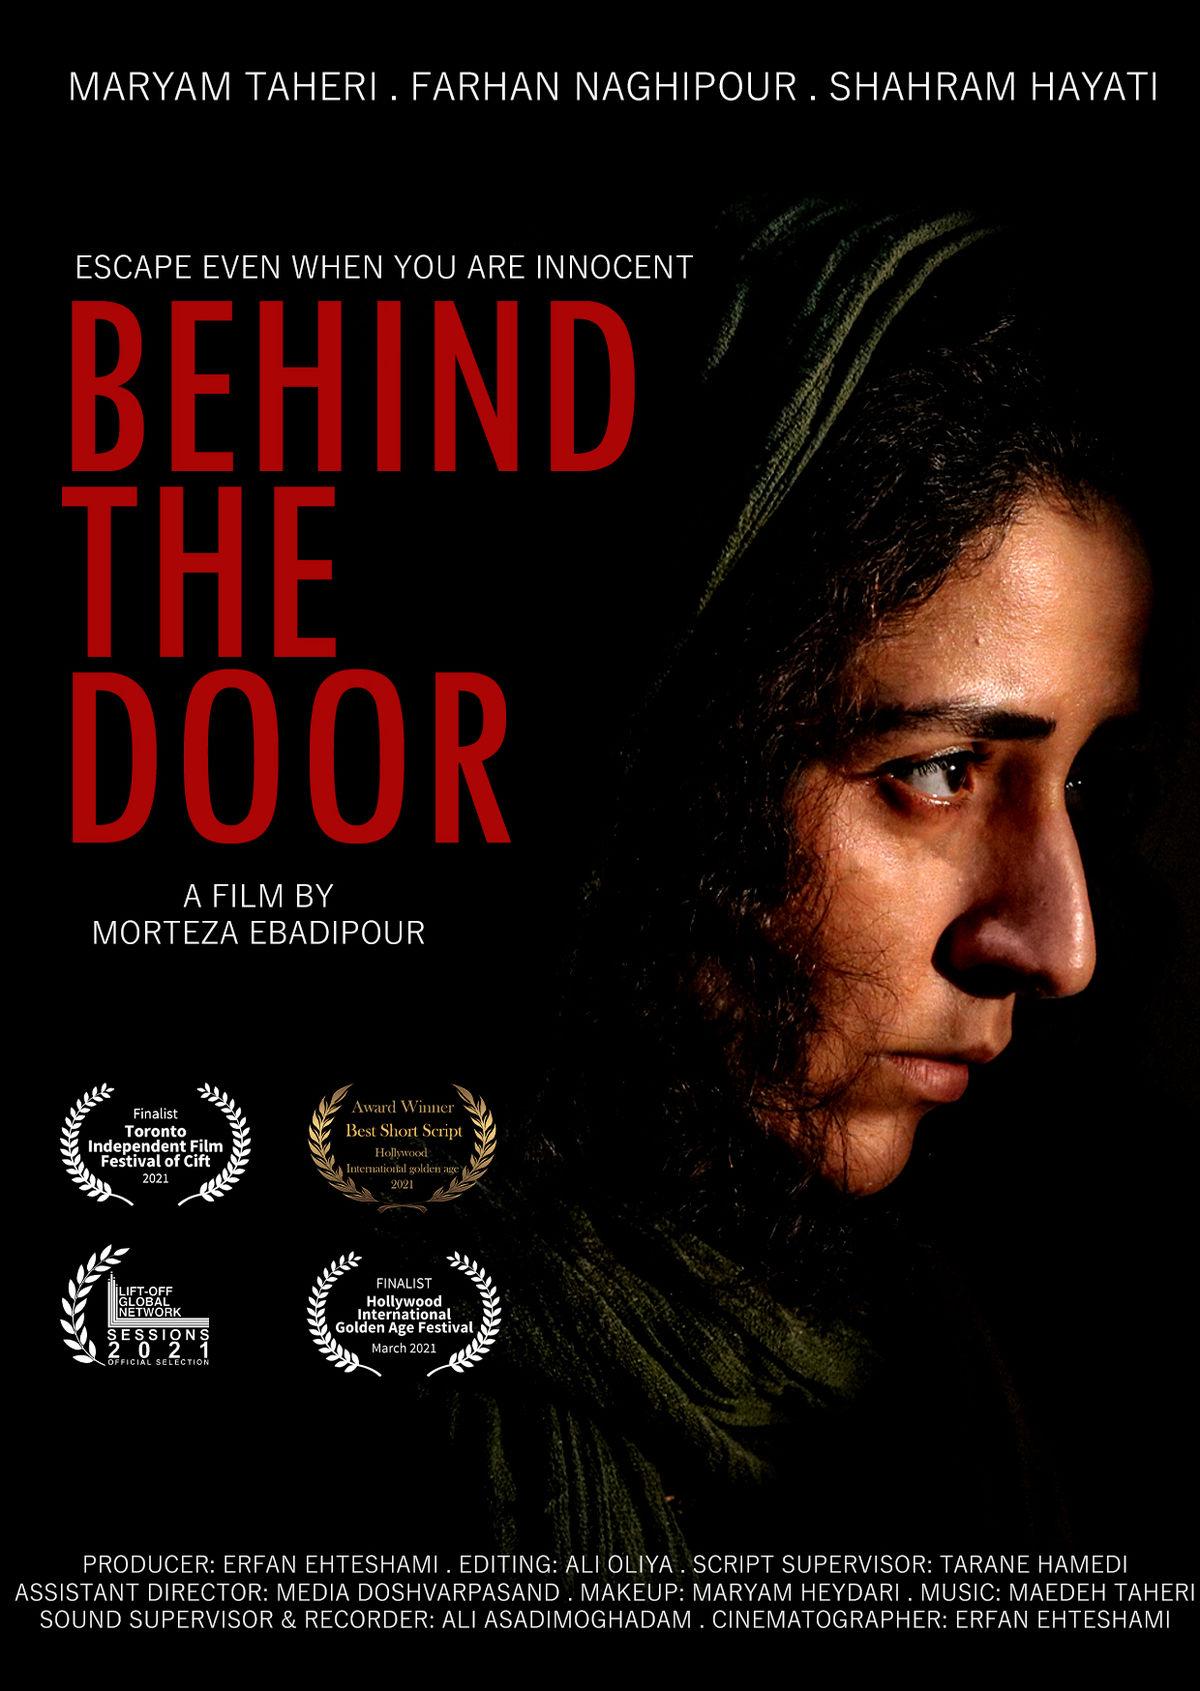 «پشت در» برنده بهترین فیلمنامه از جشنواره Hollywood golden age/ روایت زنی که تن به خواستههای یک پسر بچه داد!